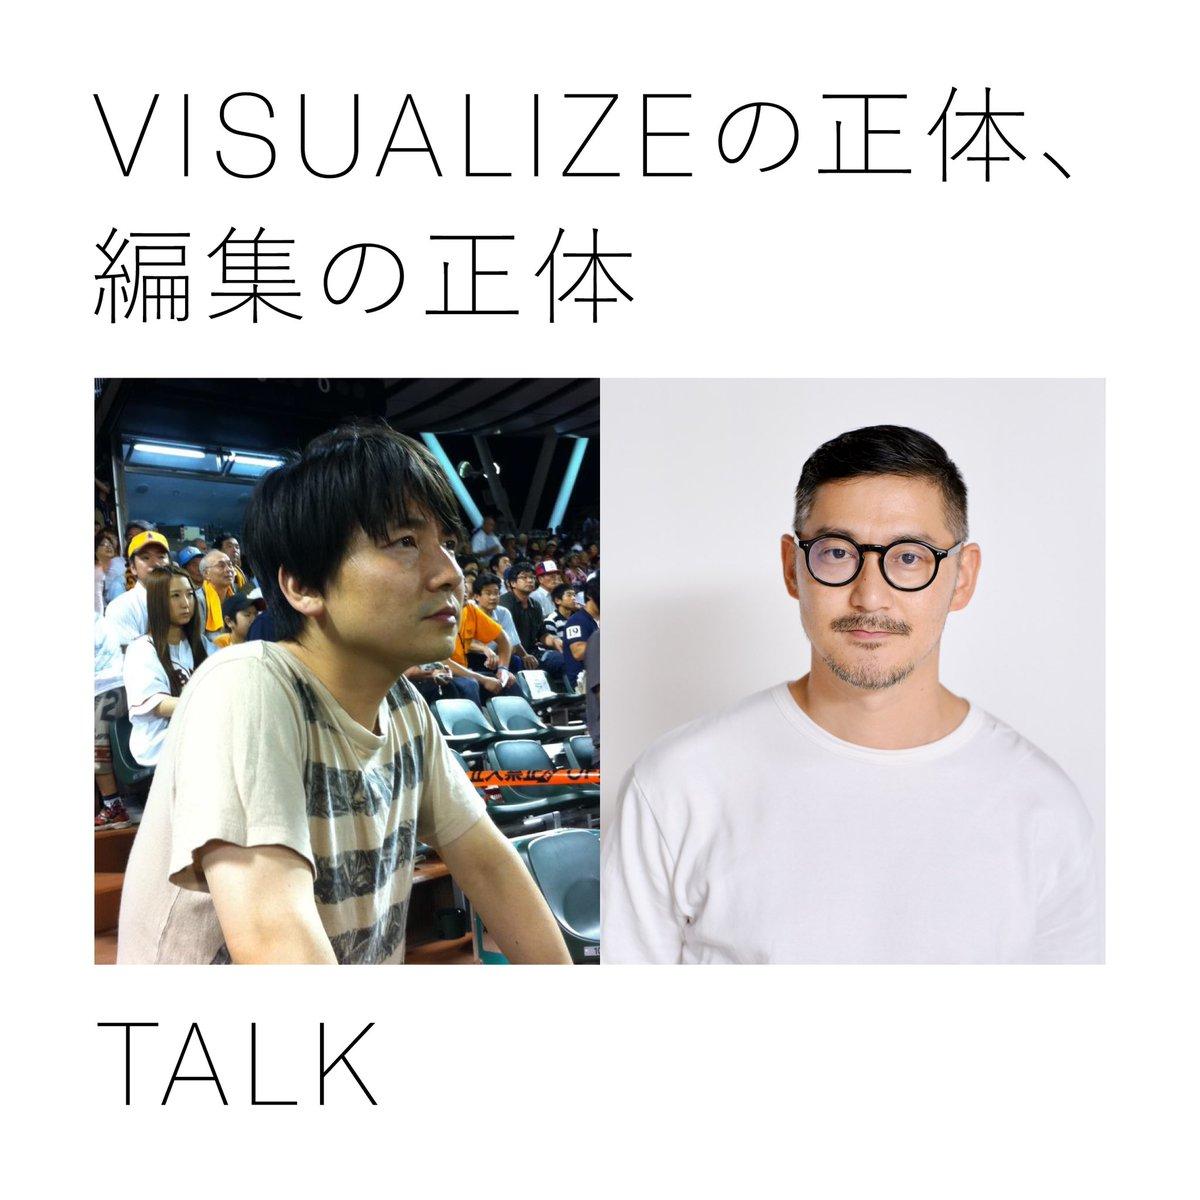 オンライントークイベントVISUALIZE TALK「VISUALIZEの正体、編集の正体」12月10日(木)20:00-22:00編集者の伊藤総研さんと色部義昭による対談。二人の活動の軸である「VISUALIZE」と「編集」の正体に迫ります。#VISUALIZE60#VISUALIZEの正体_編集の正体